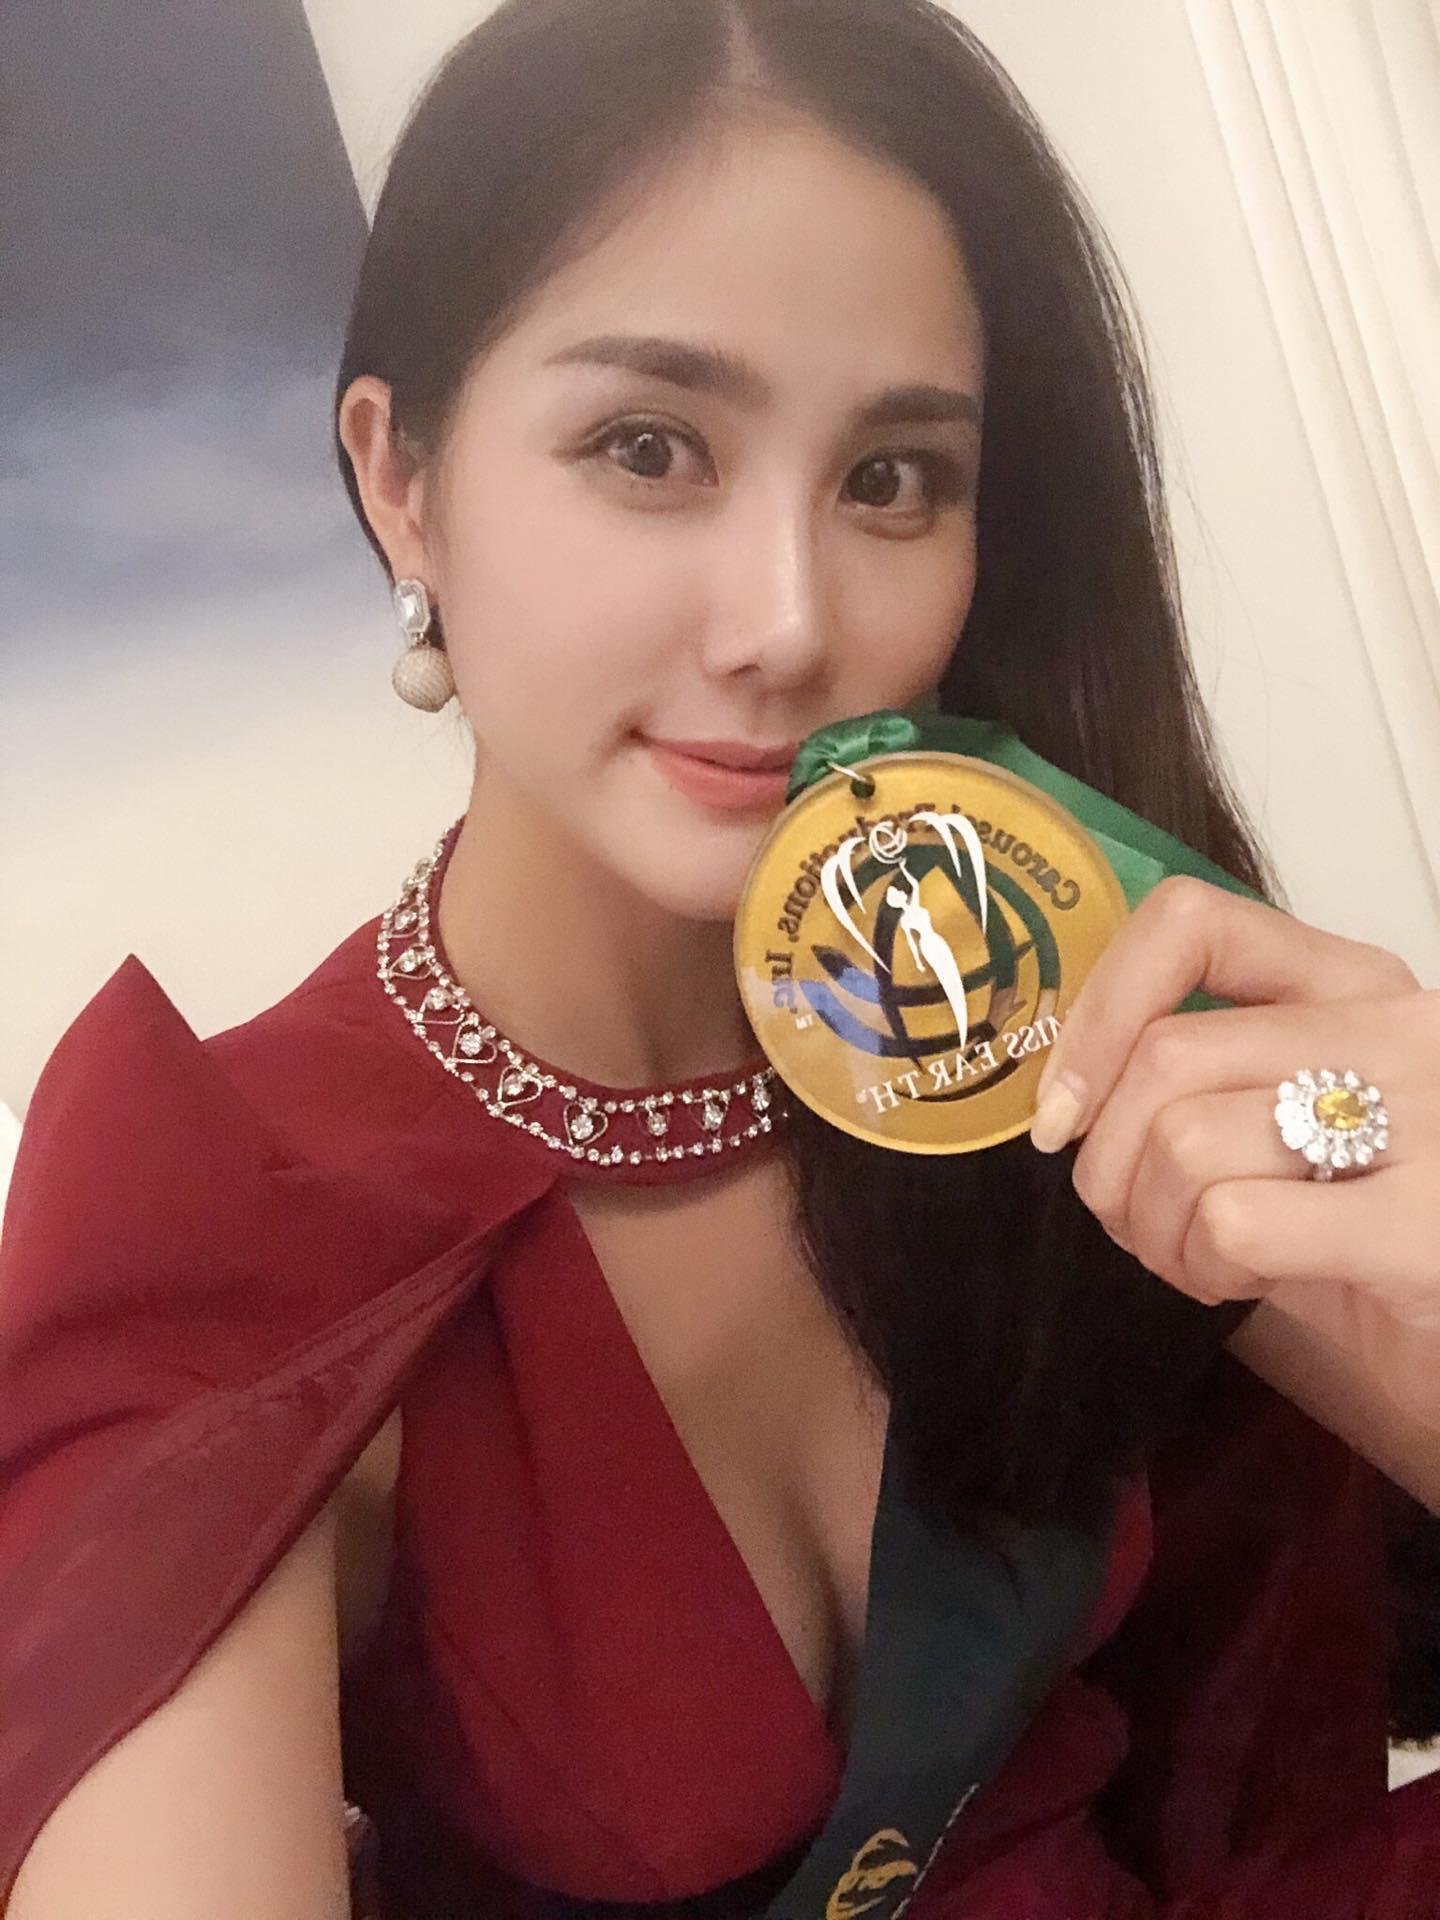 Chiến thuật thời trang thông minh giúp Hoàng Hạnh giành huy chương vàng phần thi Resort Wear - Hình 2